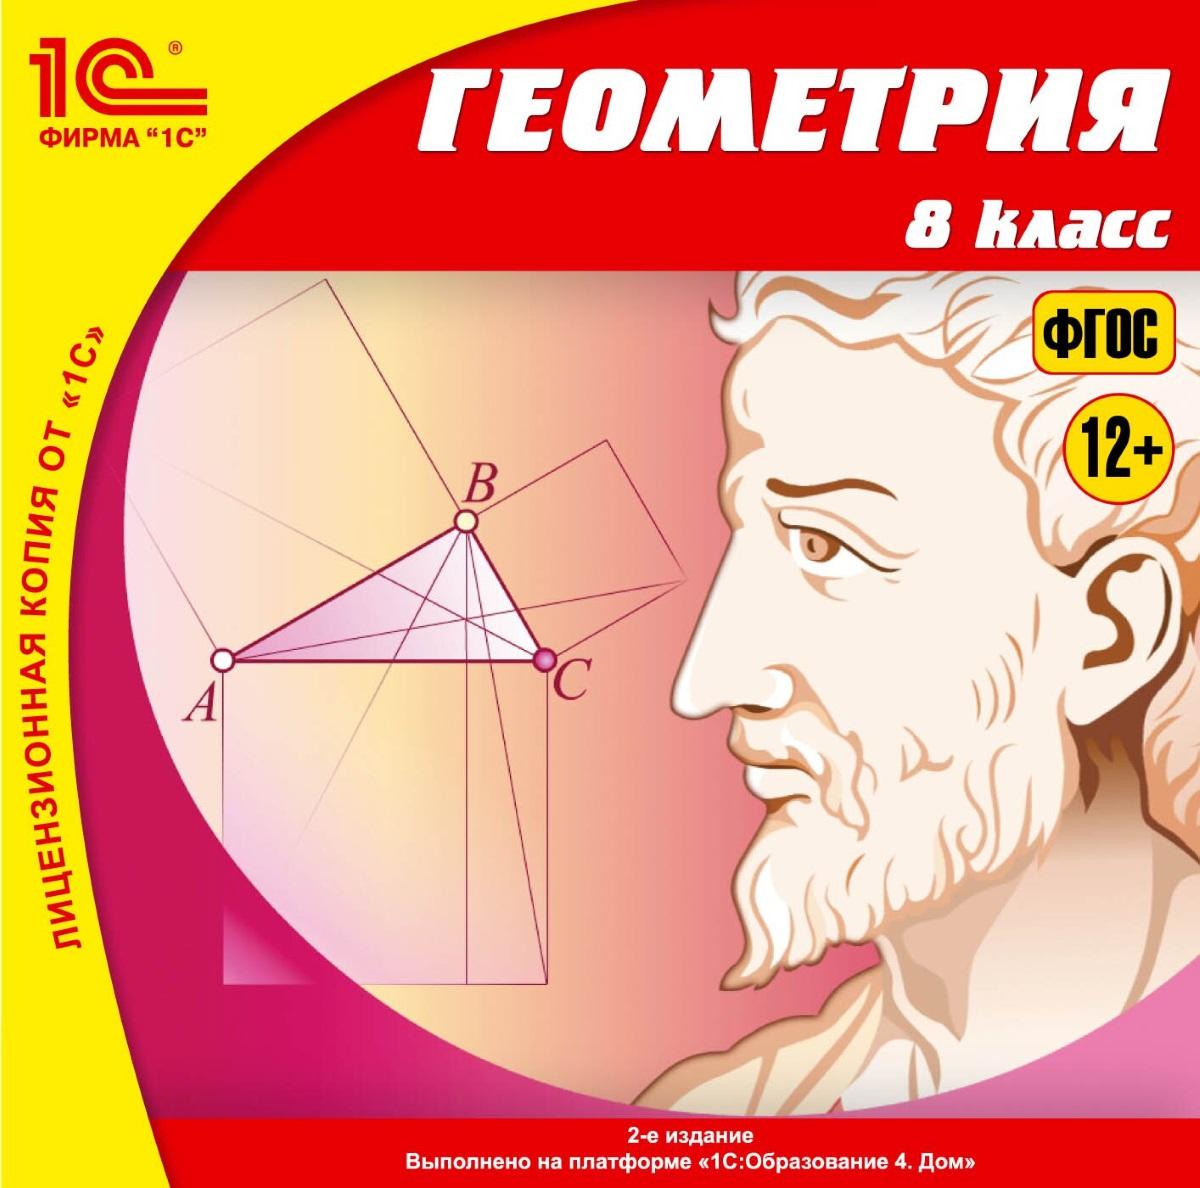 Геометрия, 8 класс (2-е издание, исправленное и дополненное) [цифровая версия] (Цифровая версия) sacred 3 расширенное издание цифровая версия